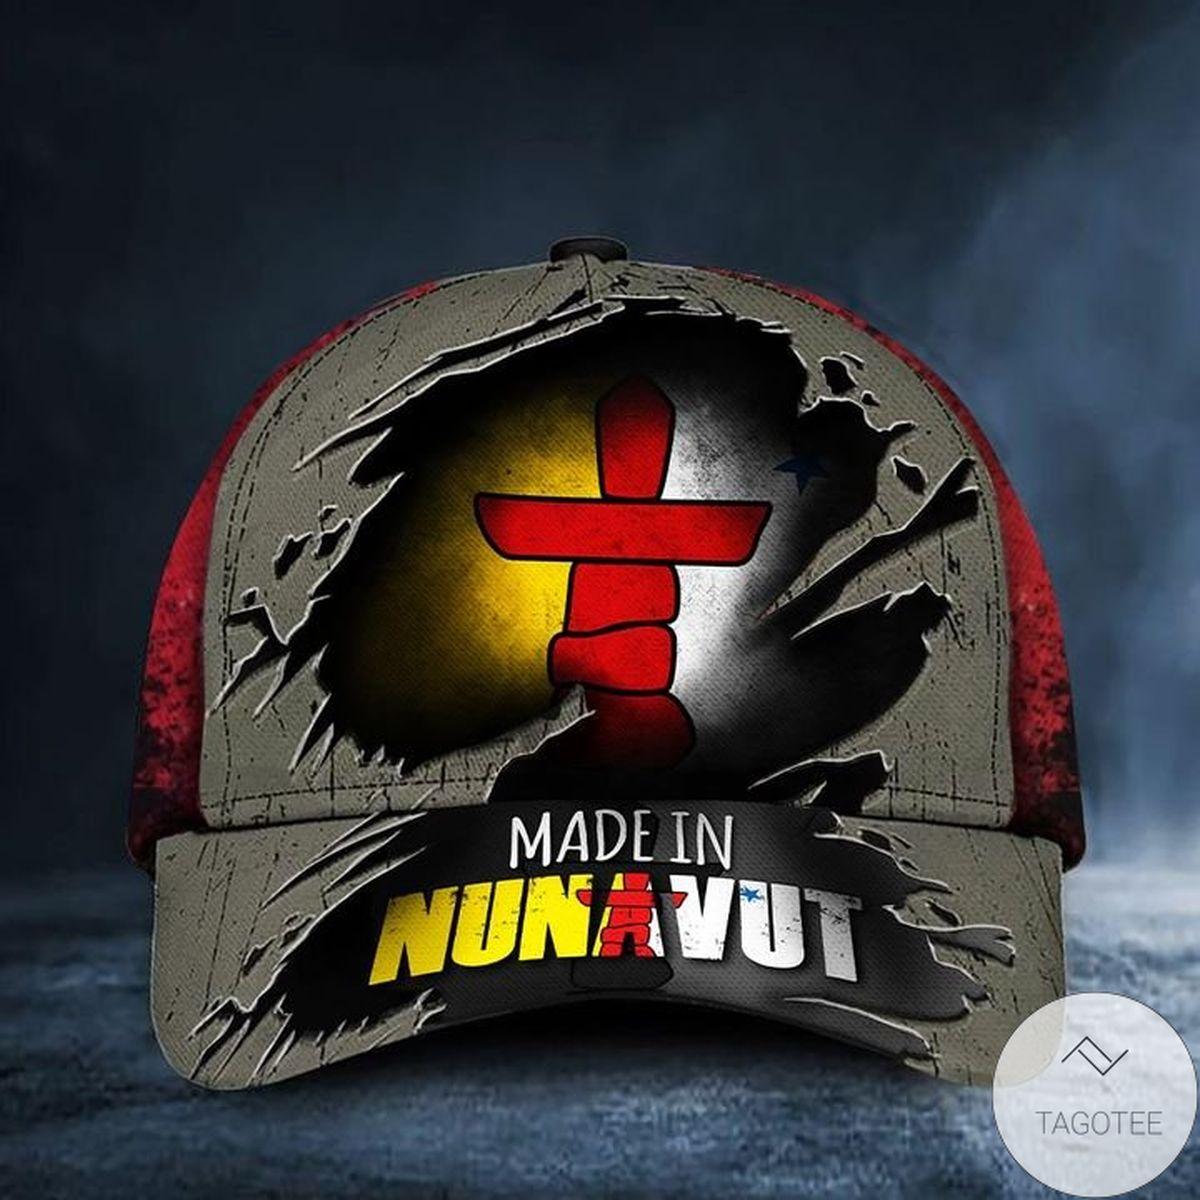 Made In Nunavut Canada Flag Hat Vintage Old Retro Patriotic Proud Nunavut Territory Cap